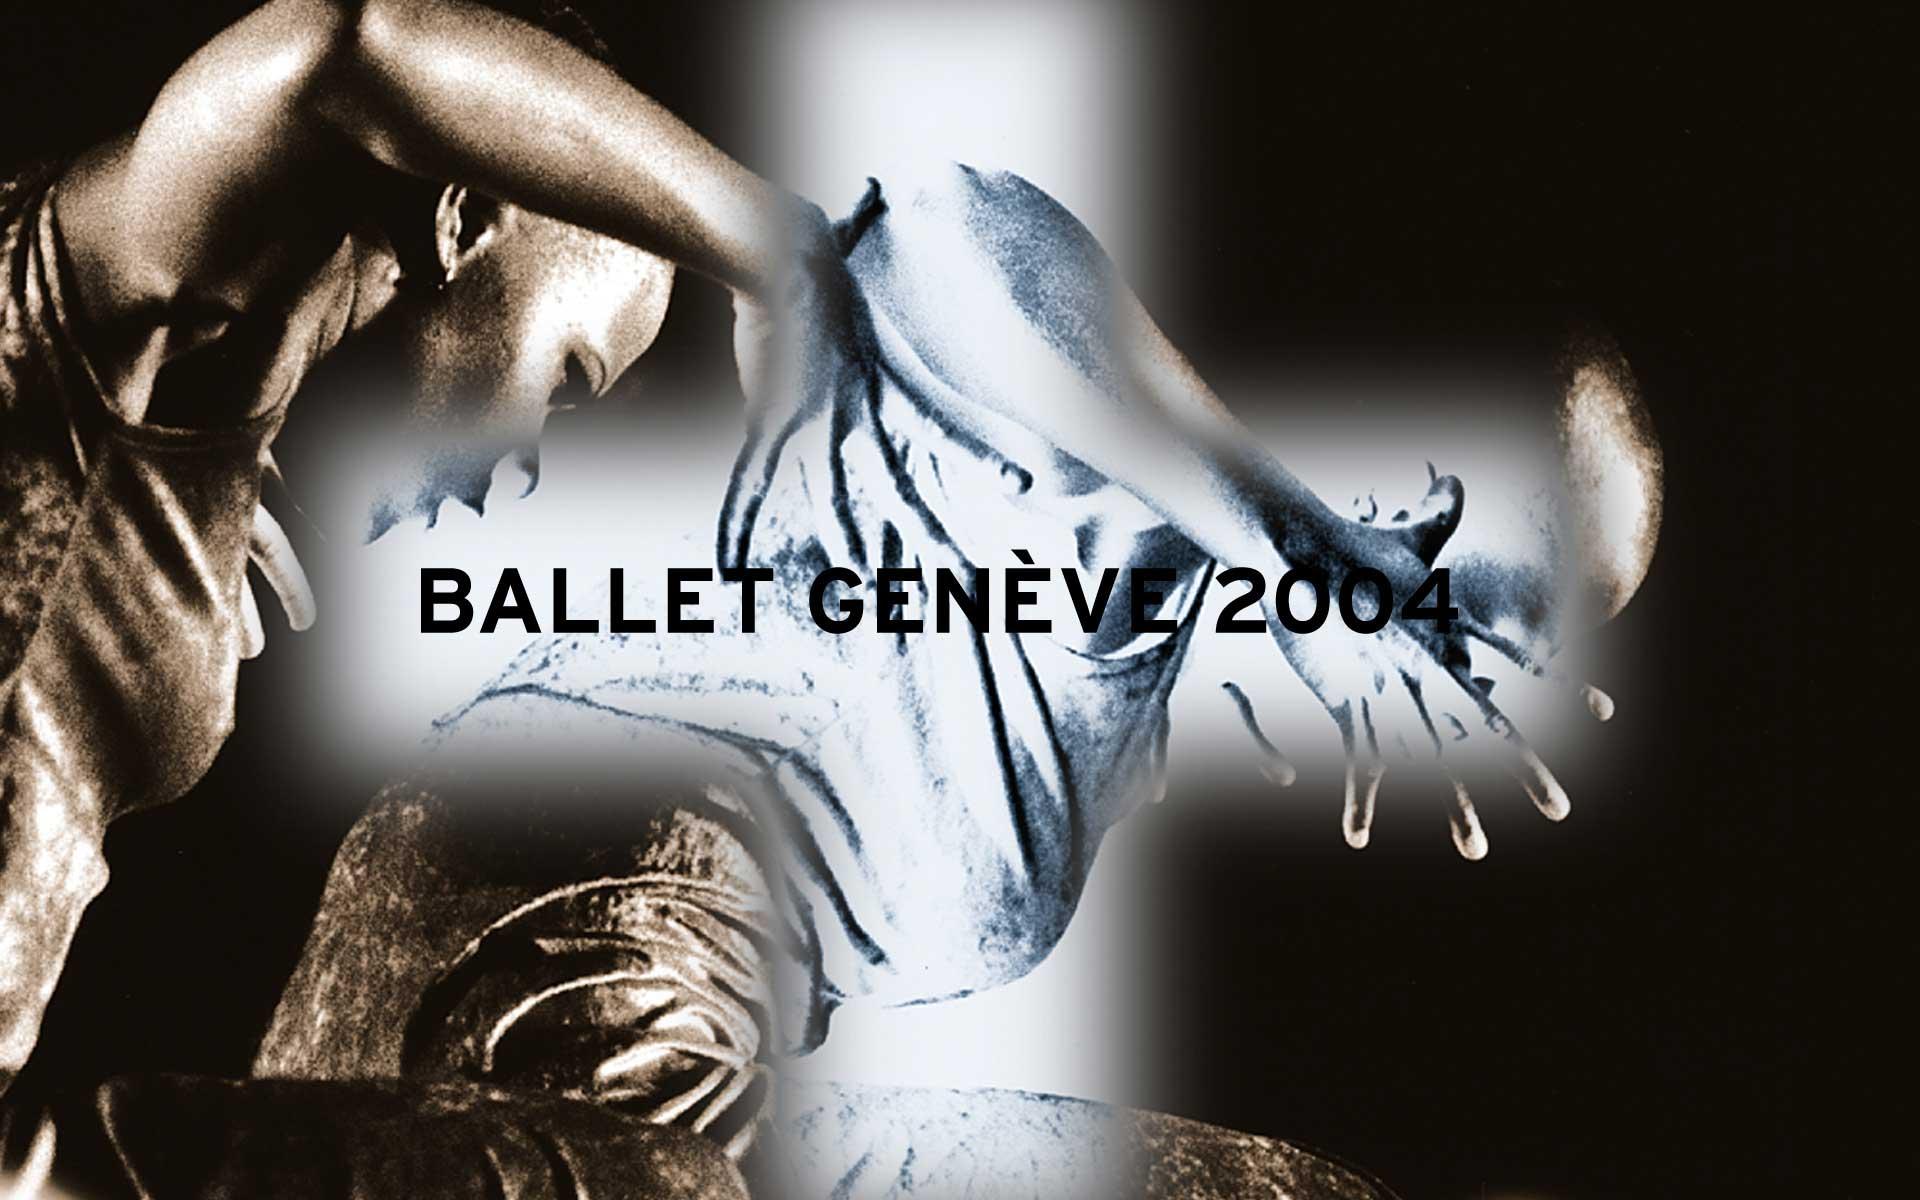 Ballet Geneva, Schweiz. Plakat für ein Tanzfestival.